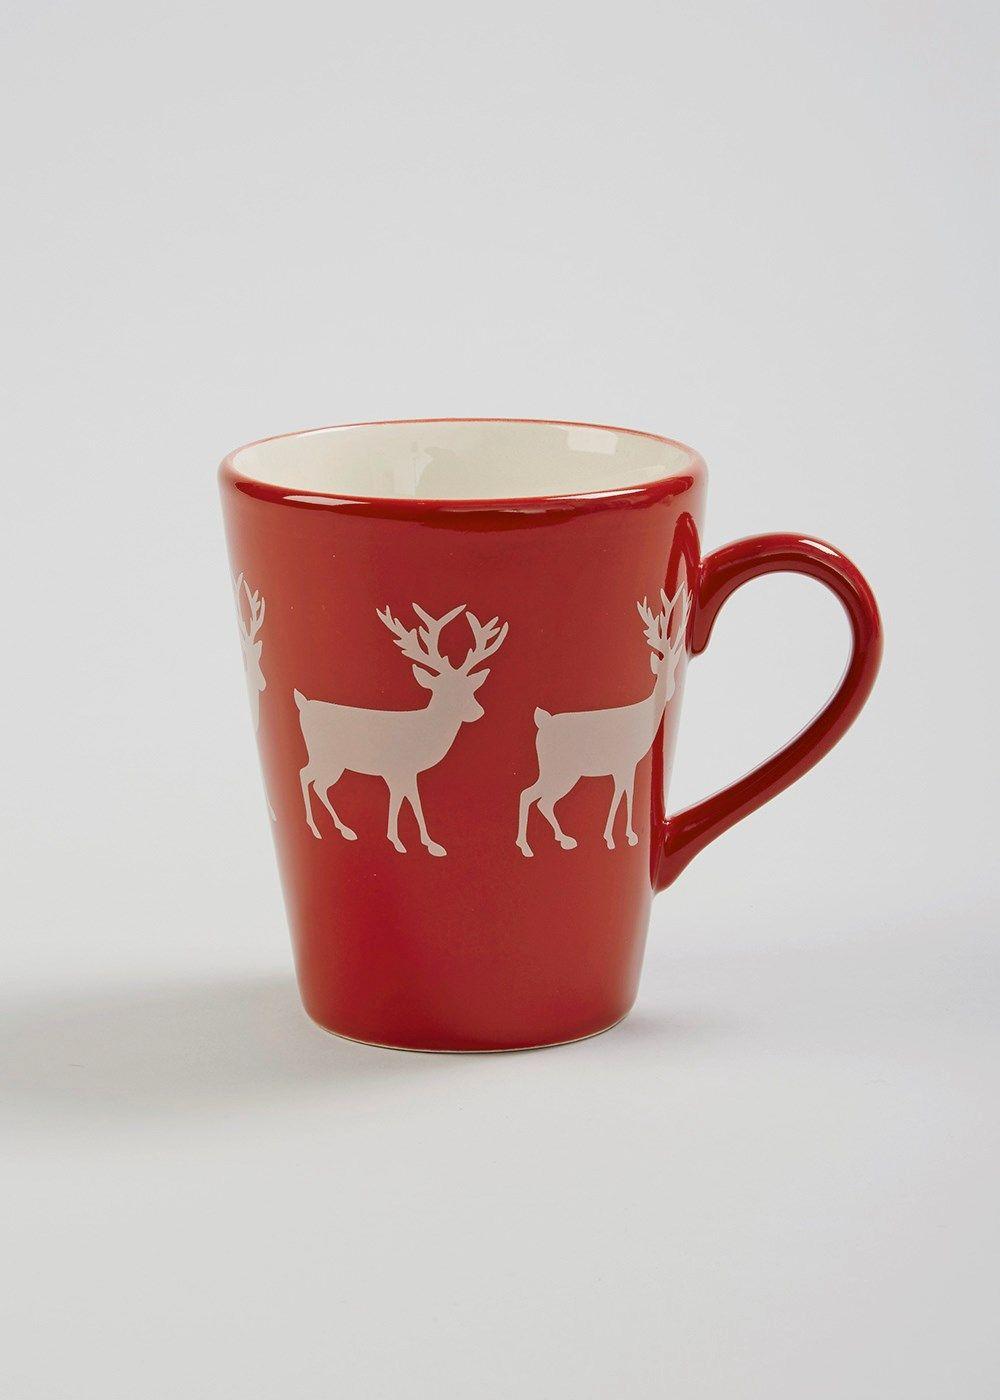 Christmas Shop Mugs Christmas Shopping Thoughtful Christmas Gifts